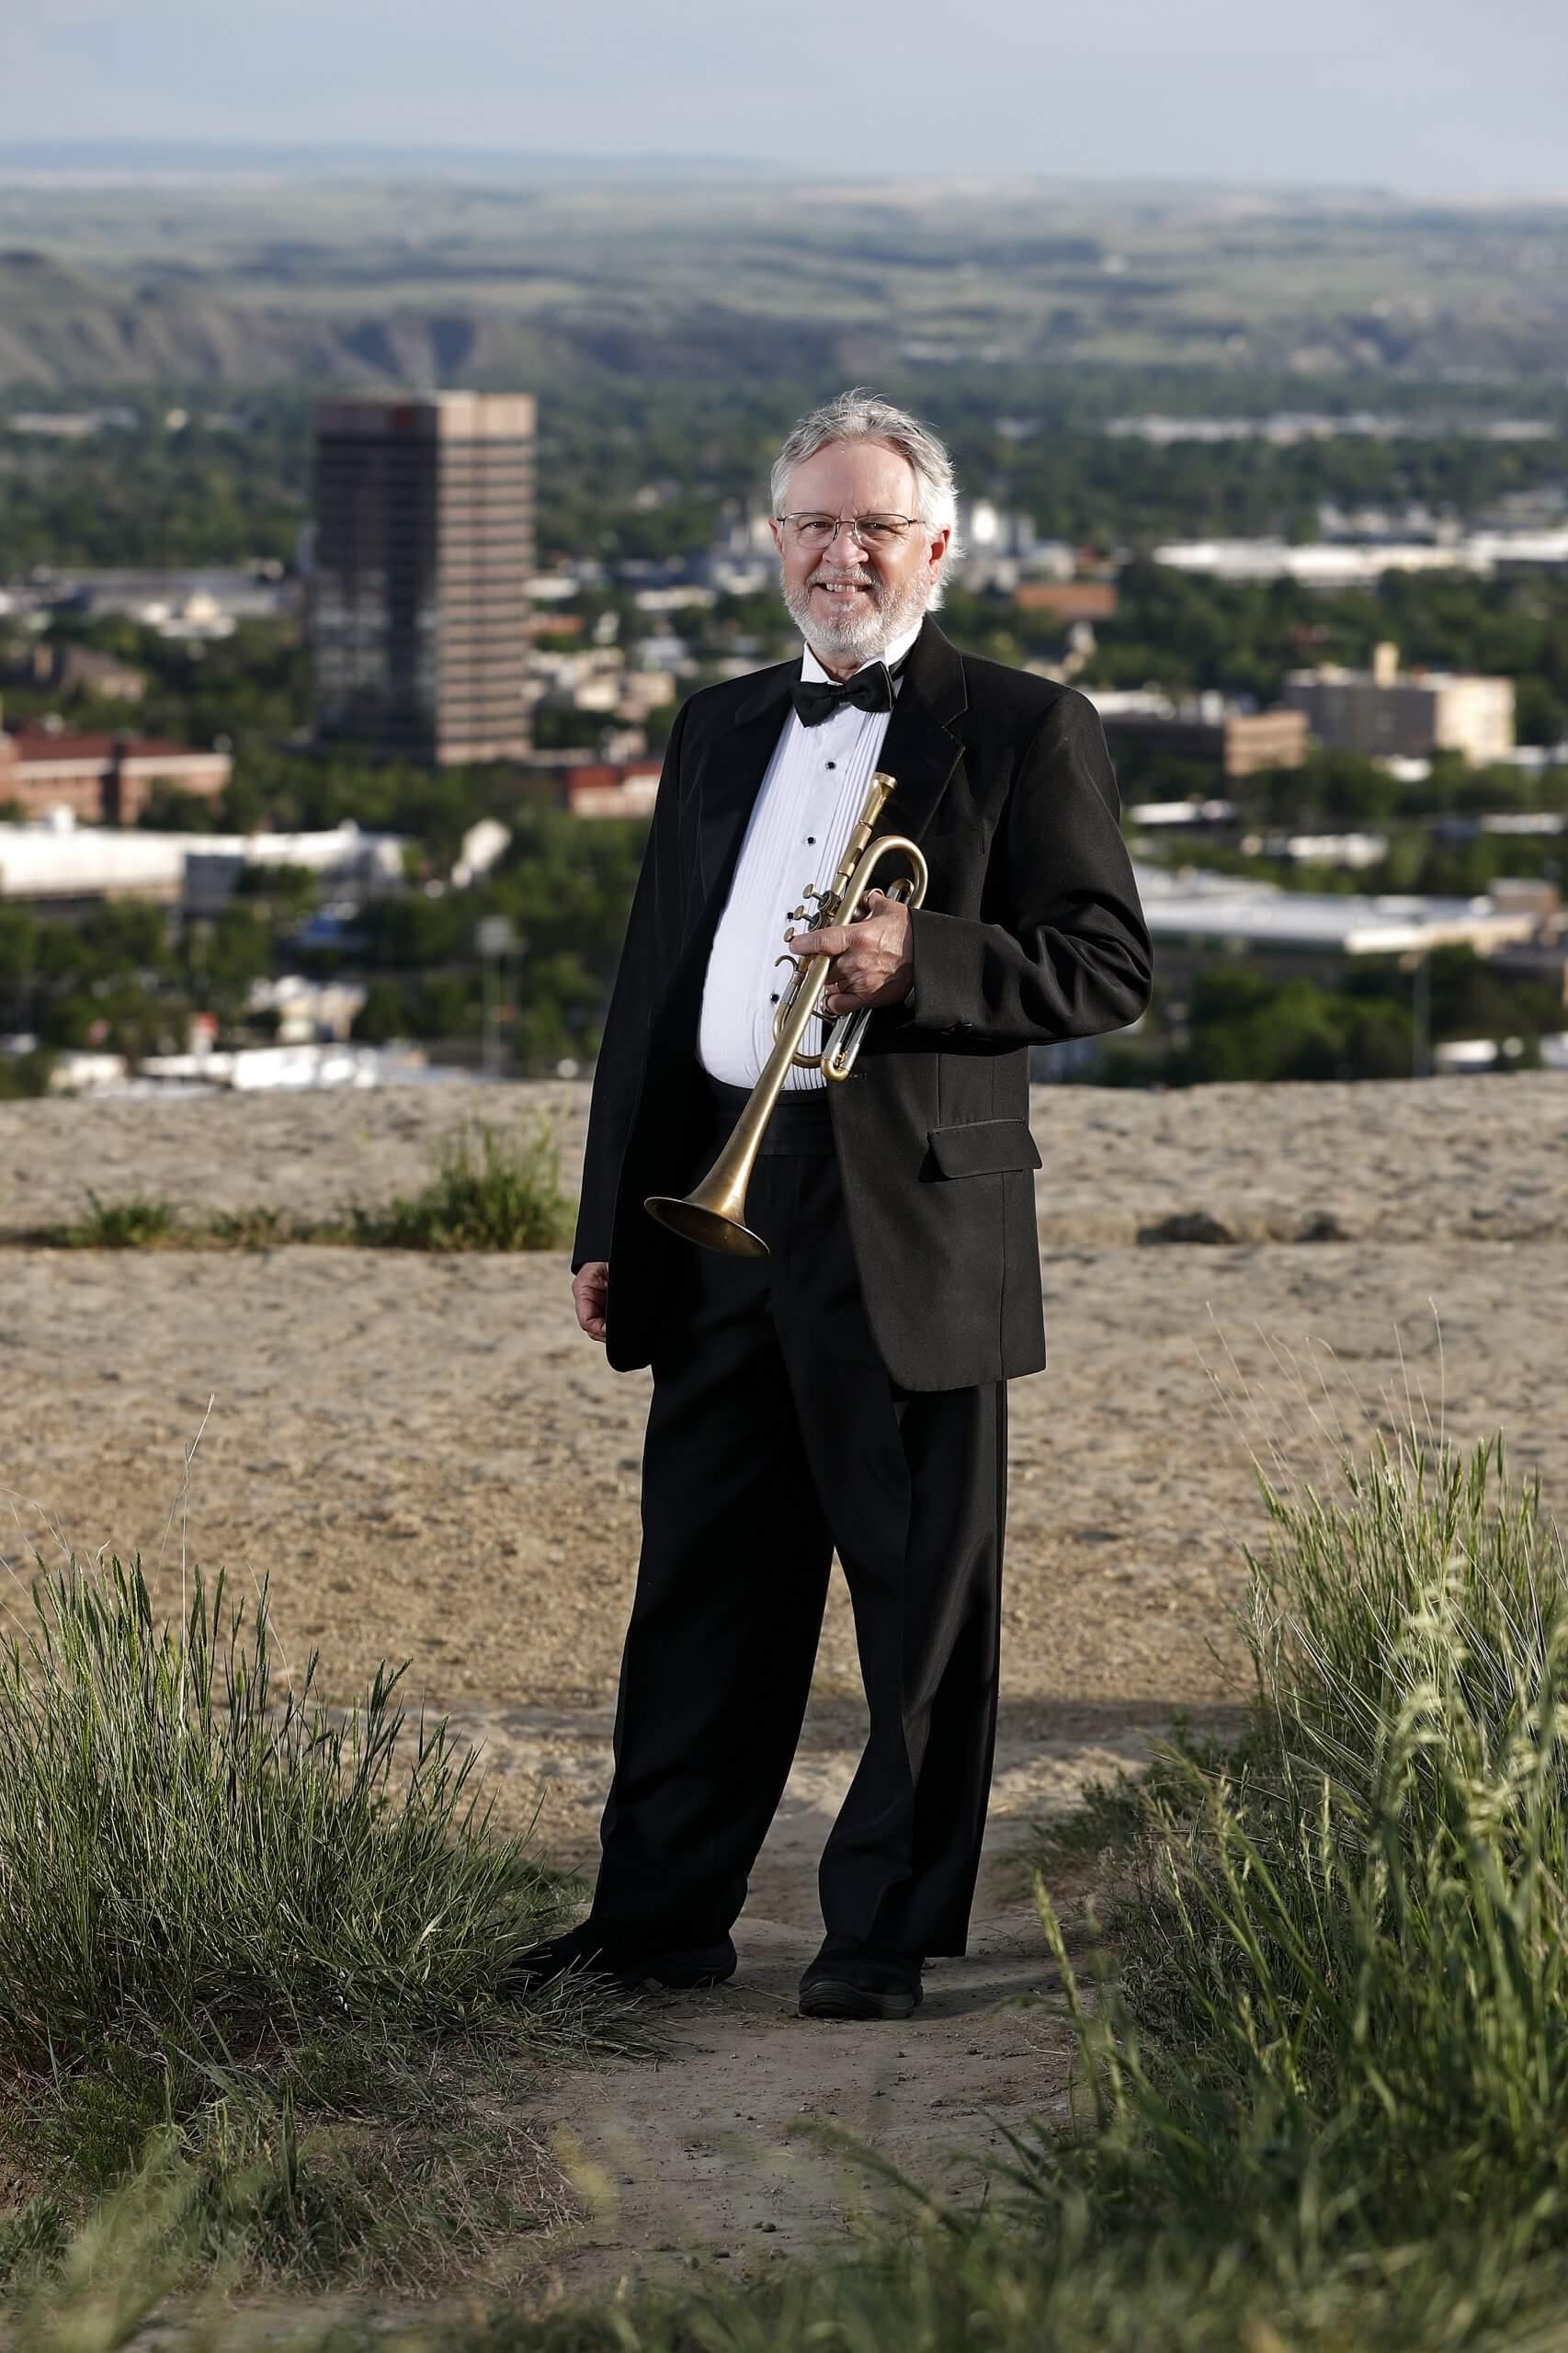 Mark Fenderson, Principal Trumpet